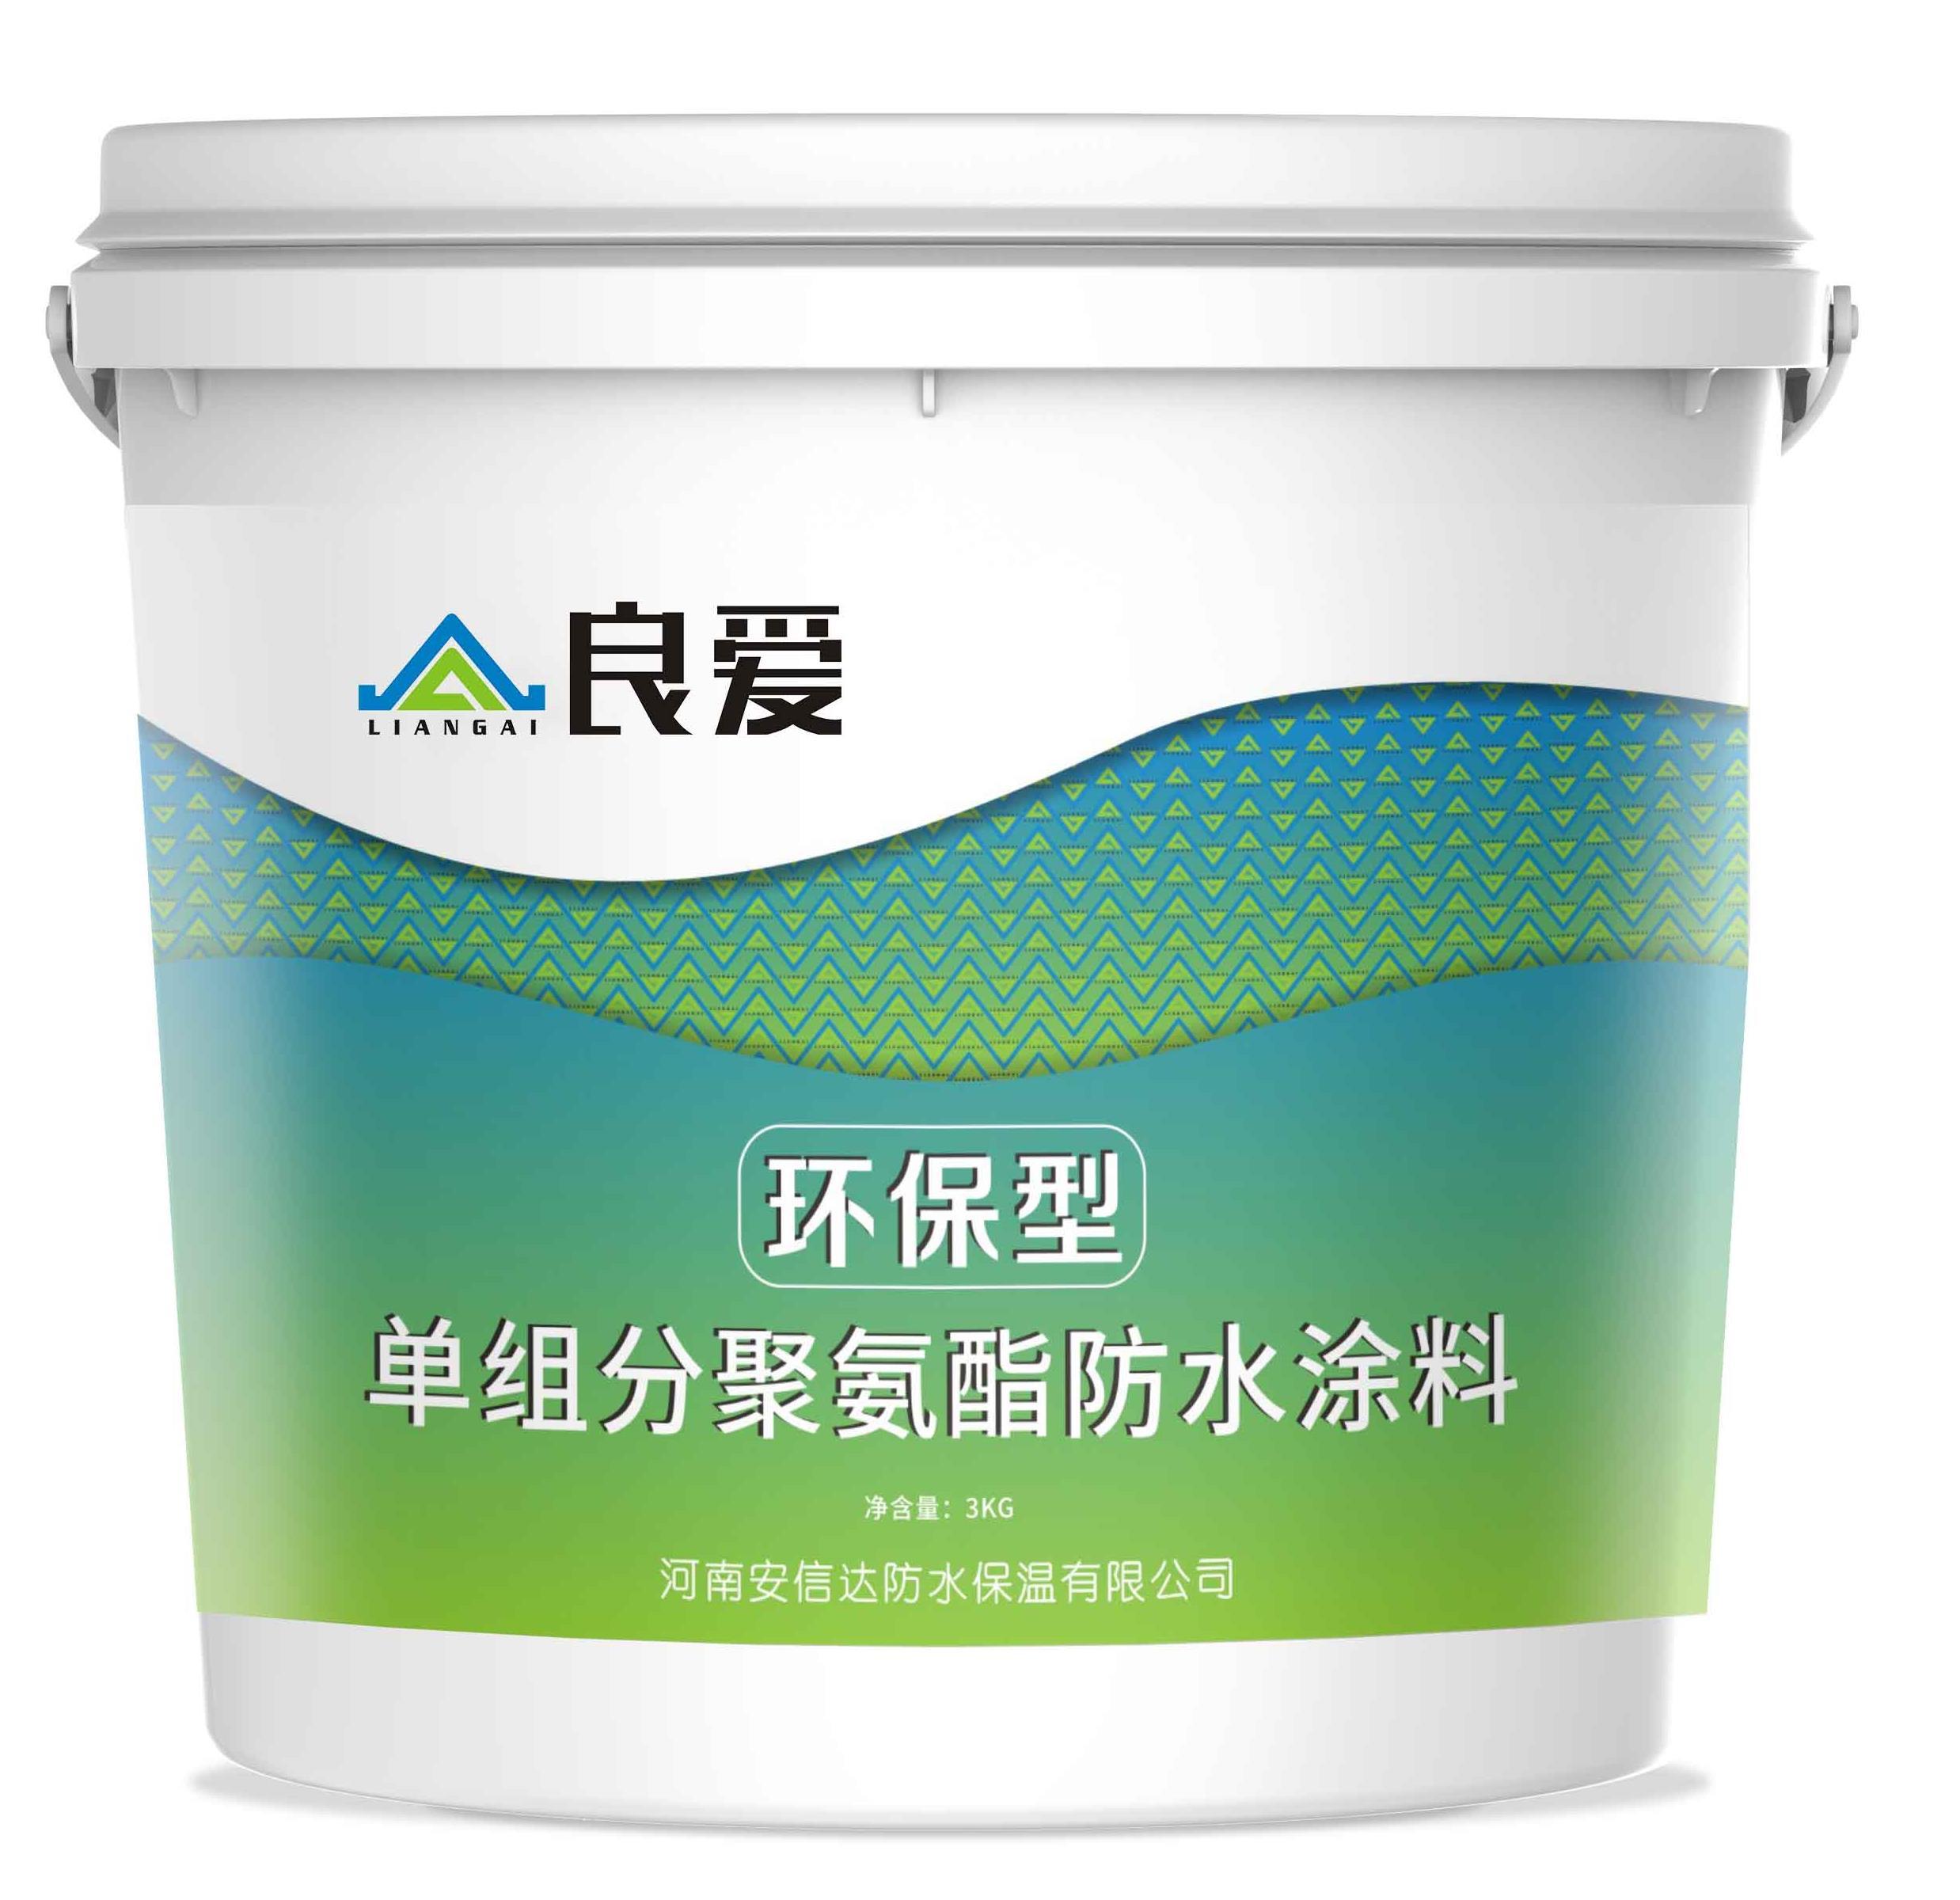 良爱牌聚氨酯防水涂料